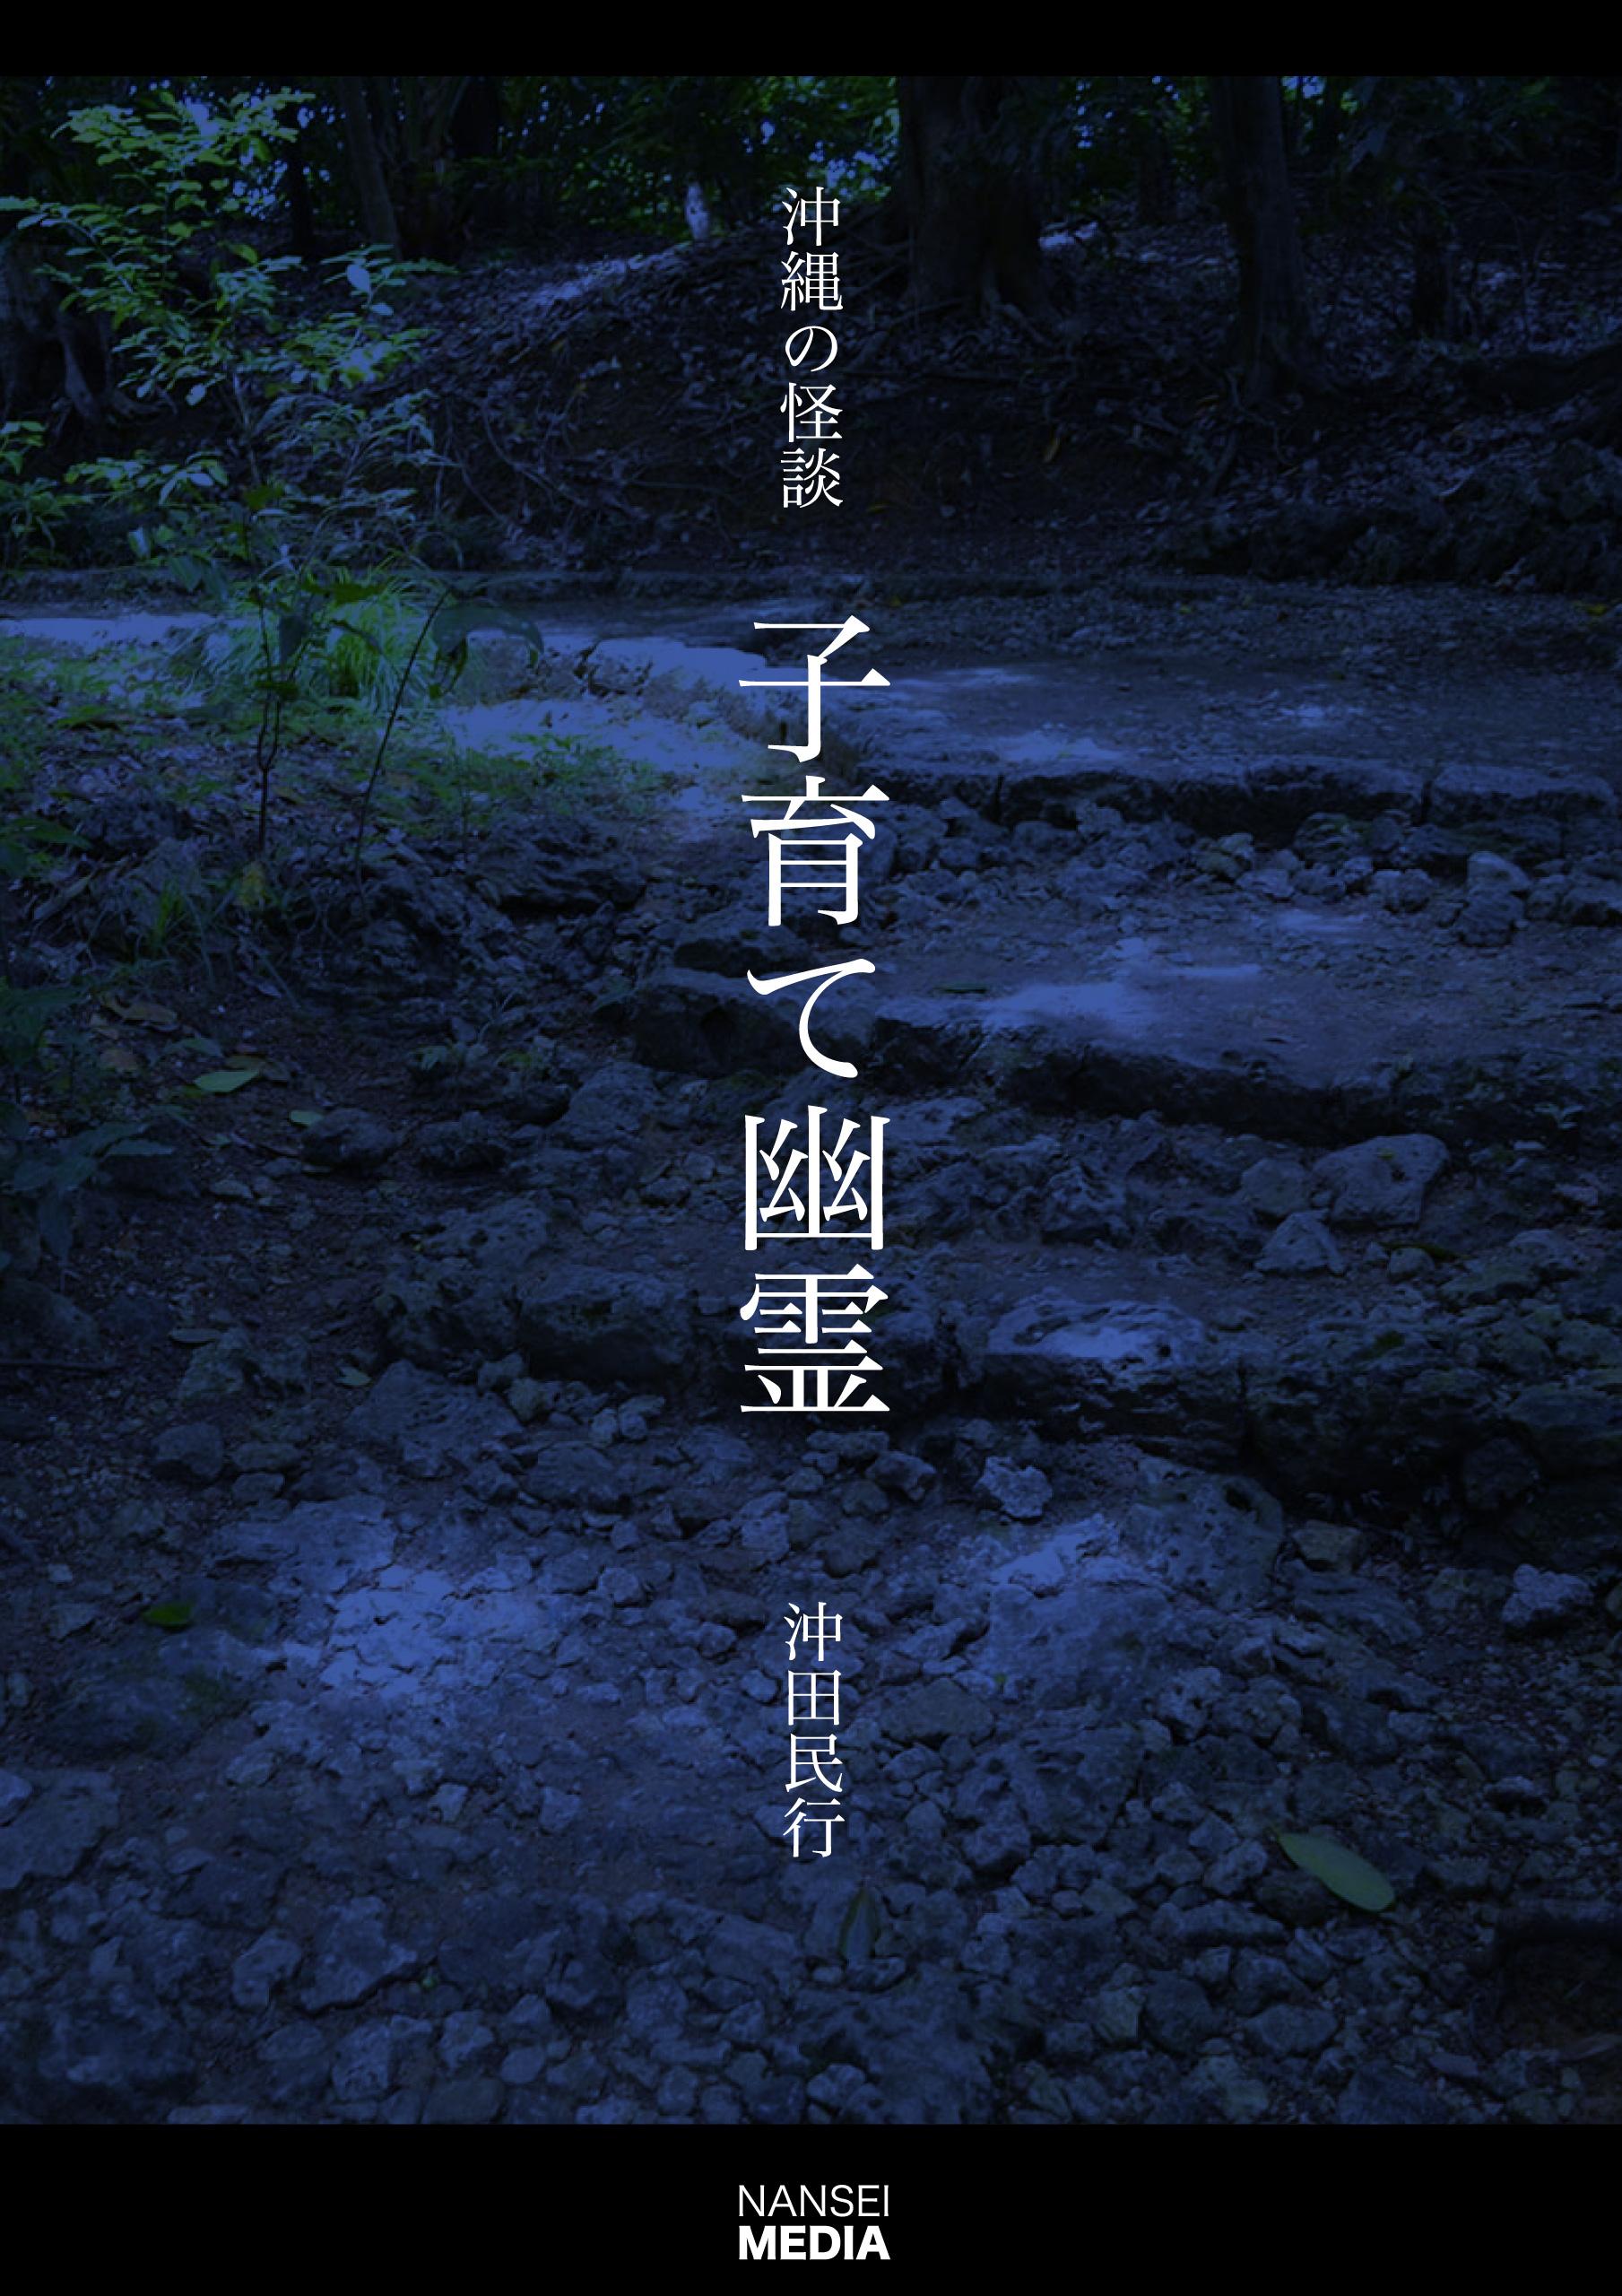 沖縄の怪談 子育て幽霊